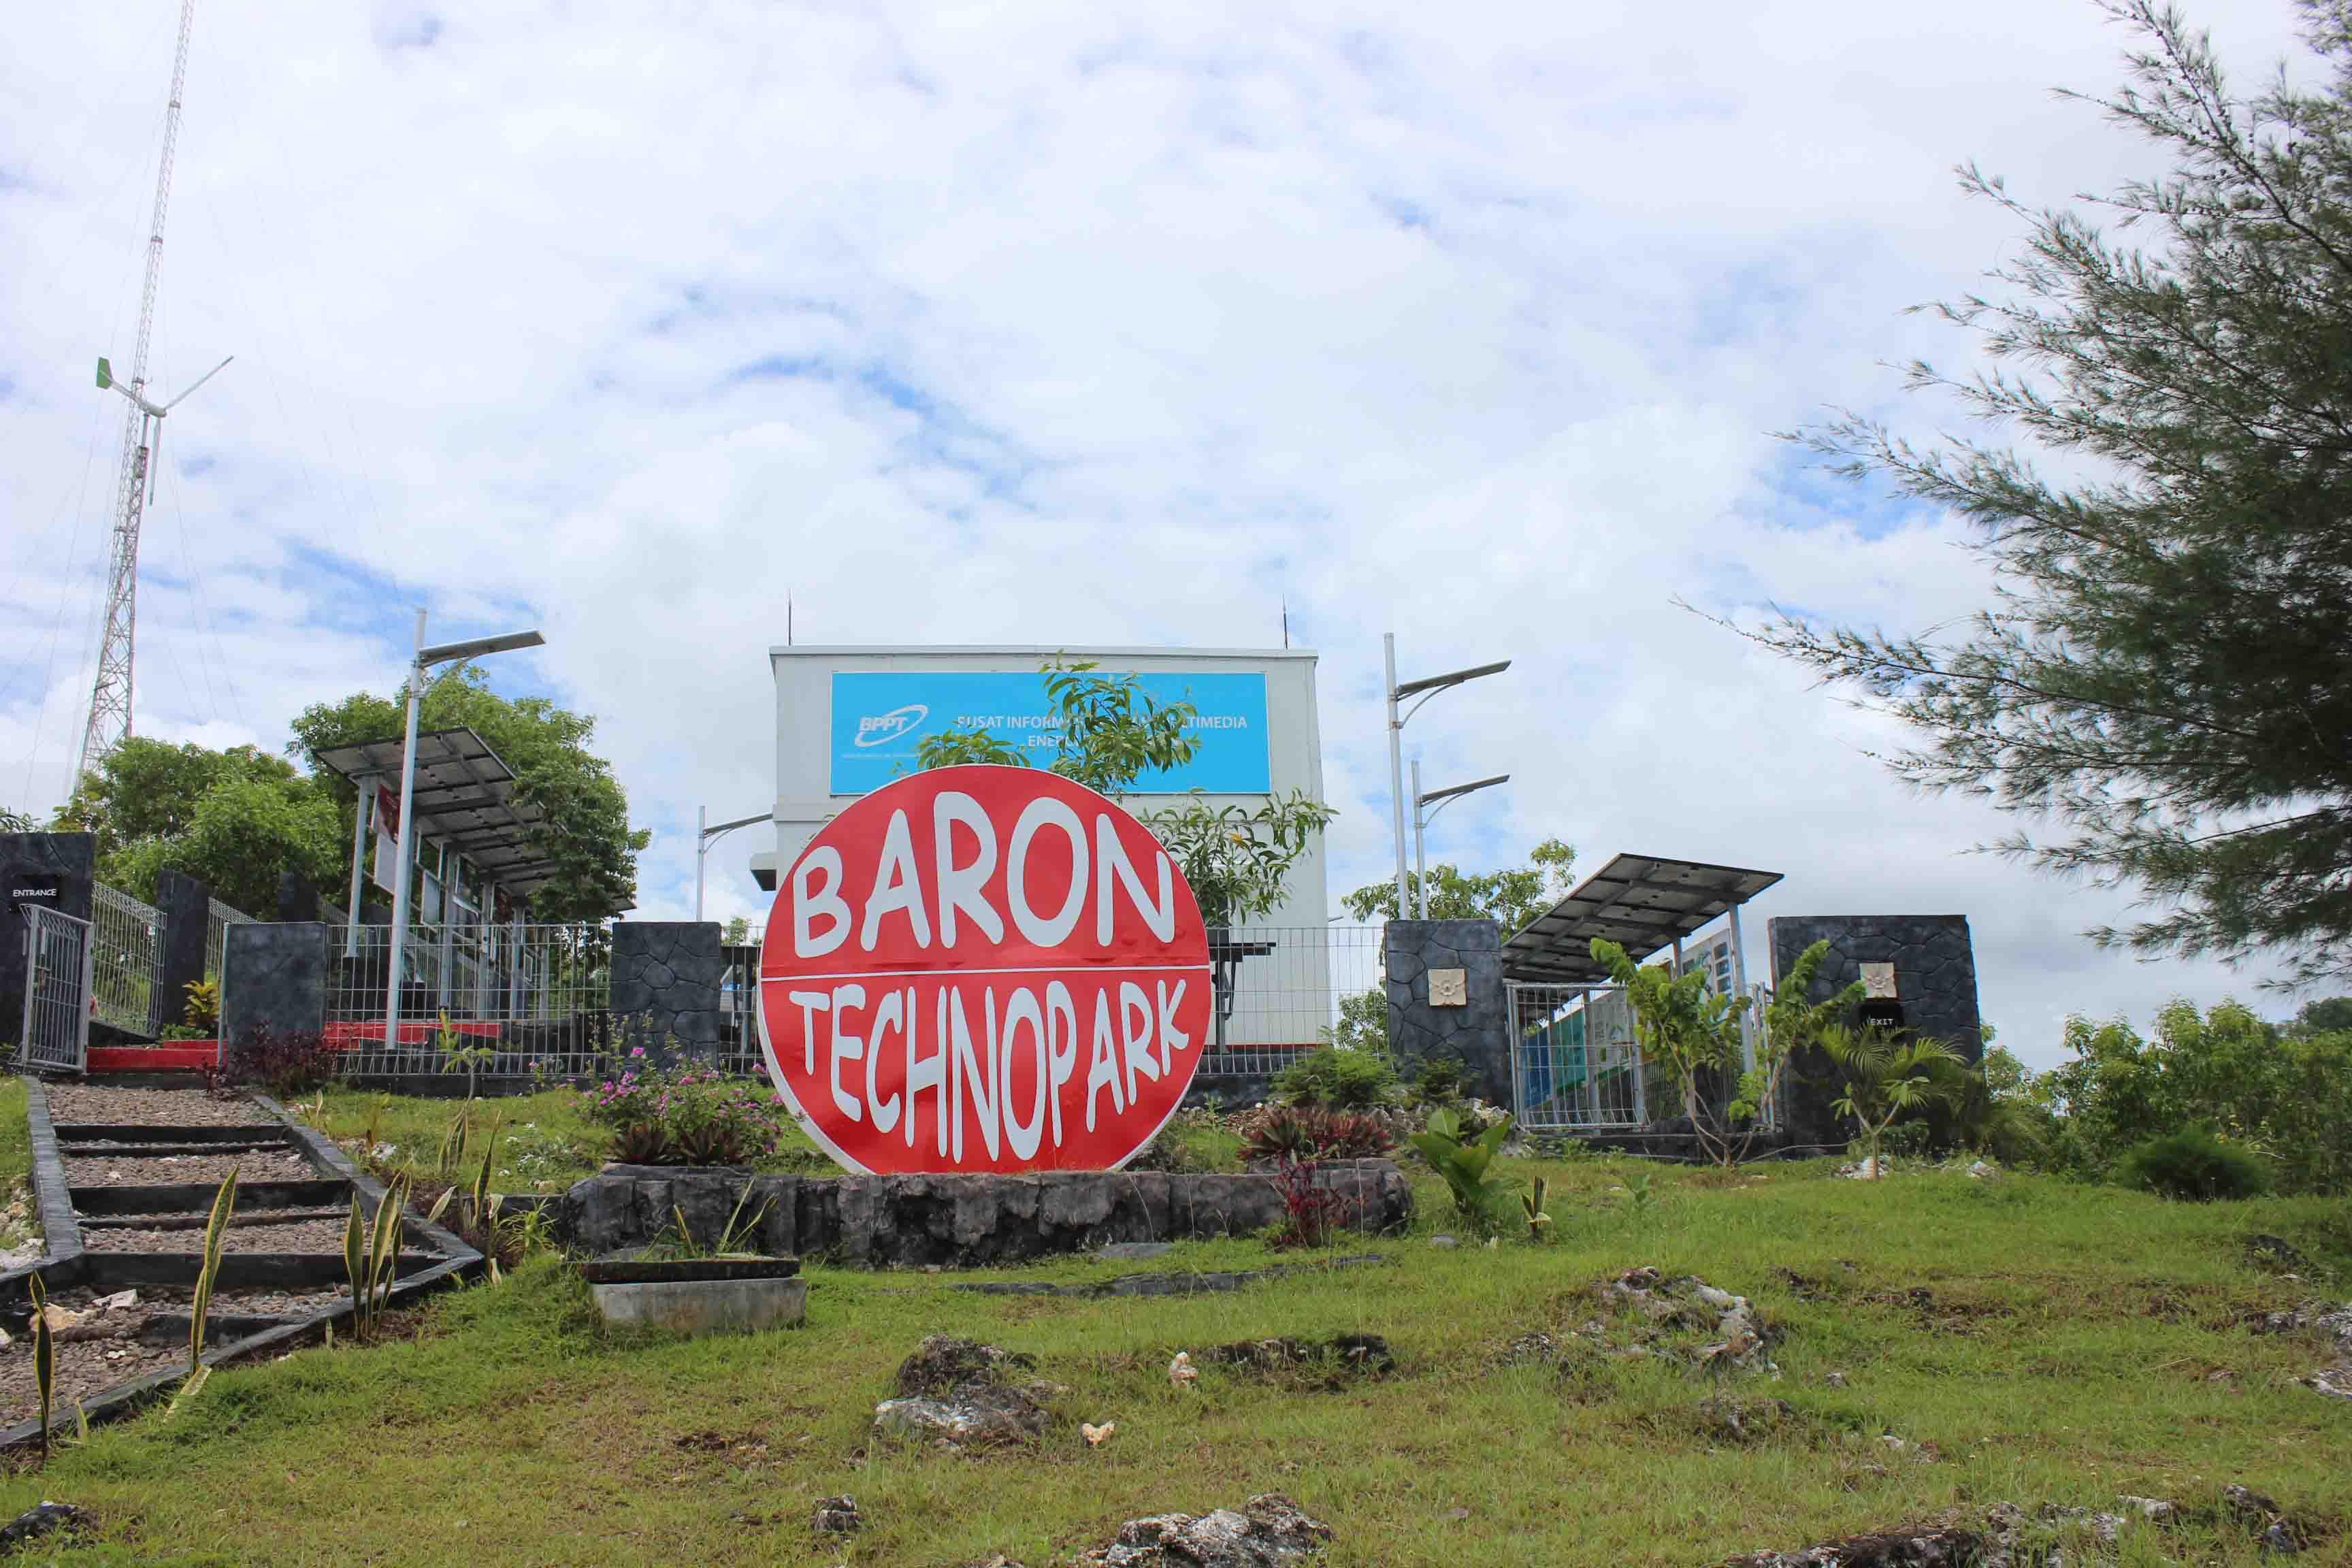 Profil Baron Techno Park Dibangun Mendukung Kebijakan Energi Nasional Menargetkan